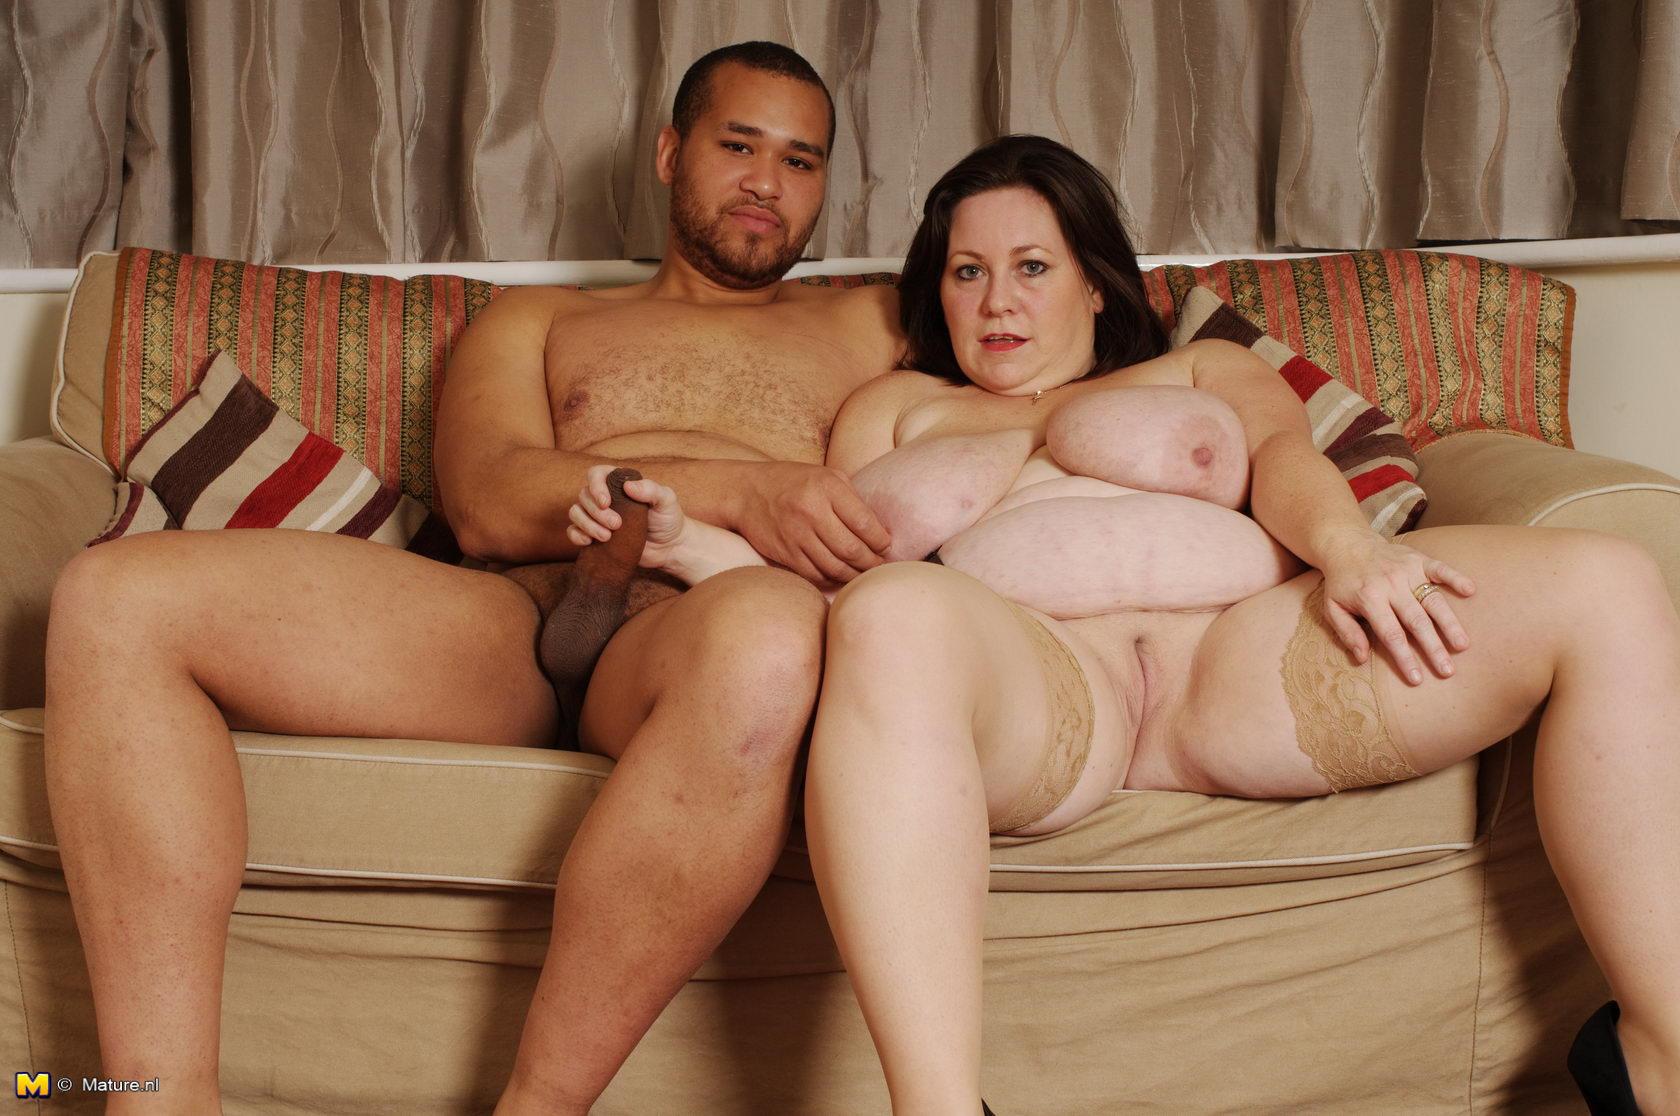 Русские толстые женщины за 50 лет сэкс 21 фотография